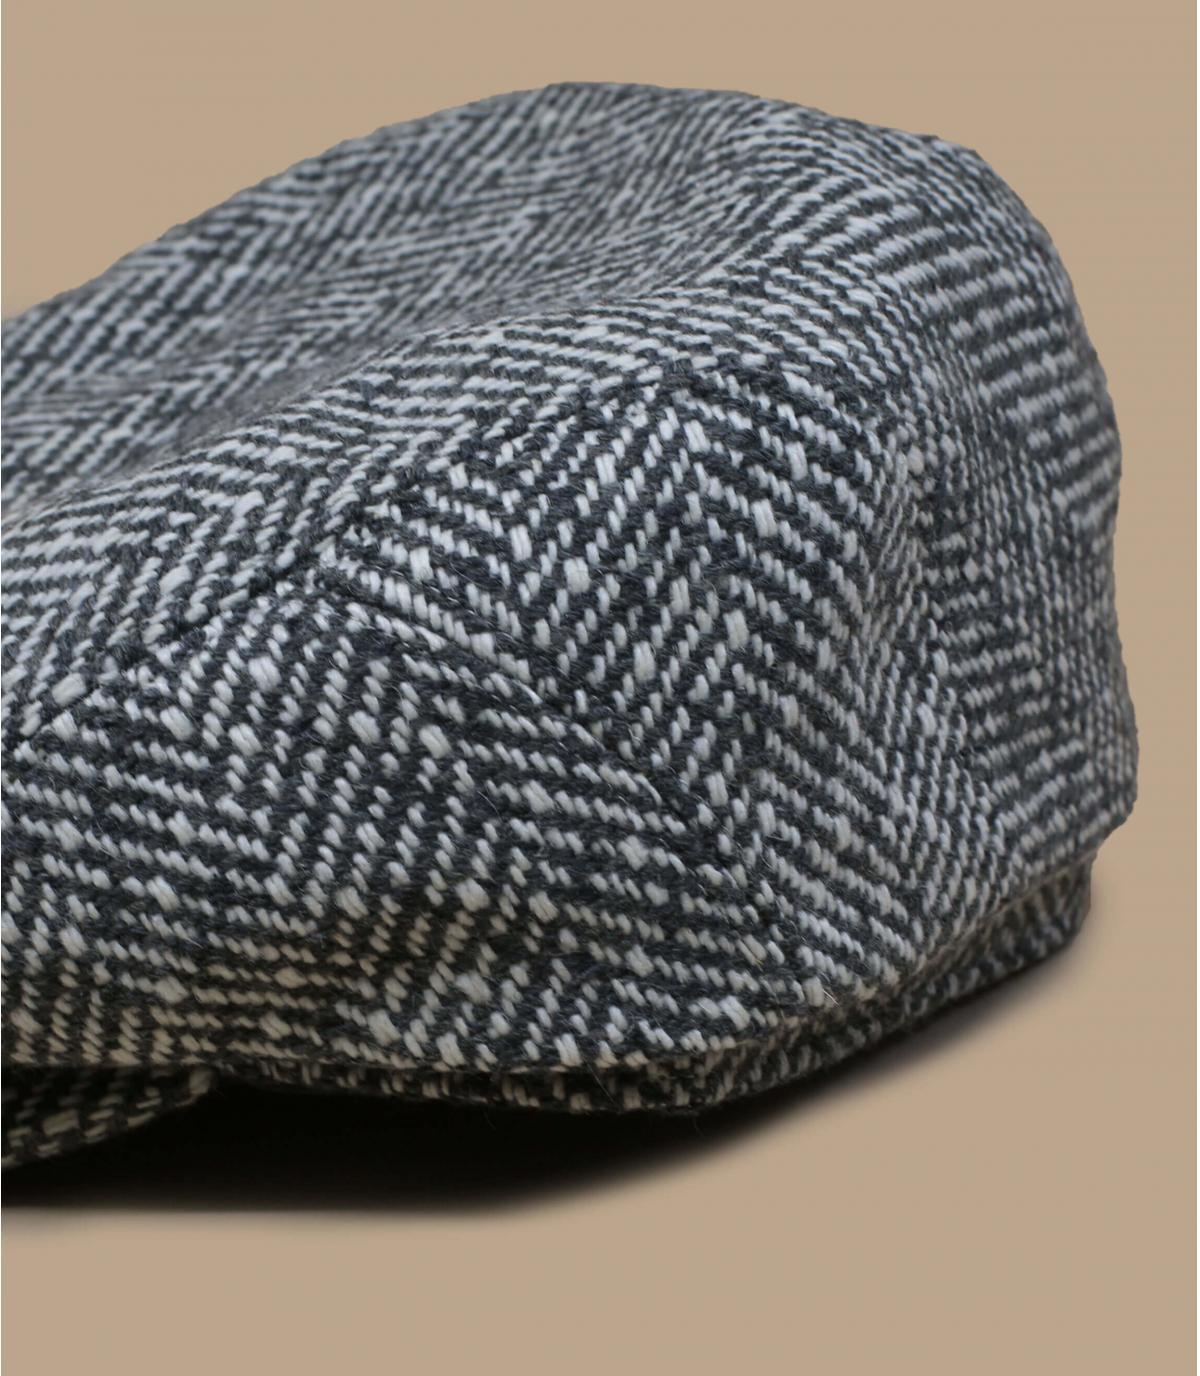 Details Ixia Cap grey - Abbildung 2